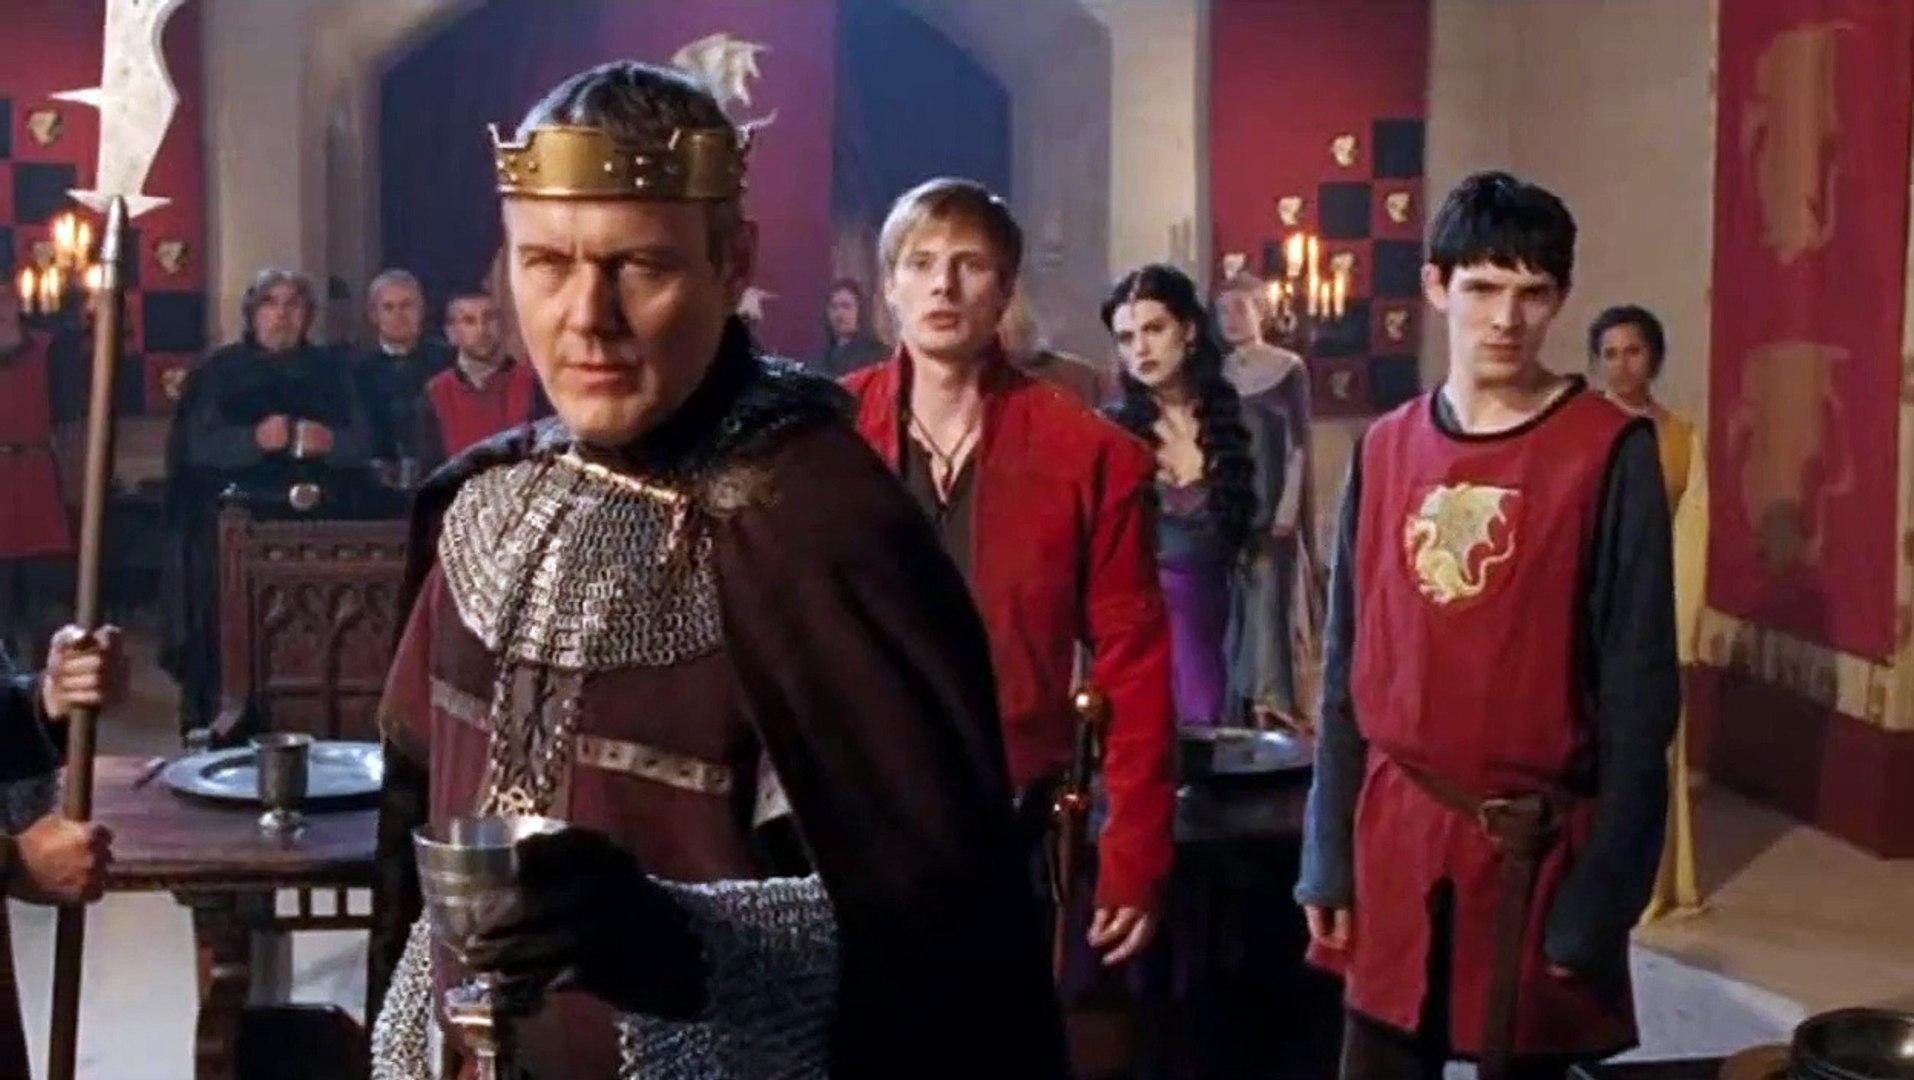 Merlin 2008 - S01E04